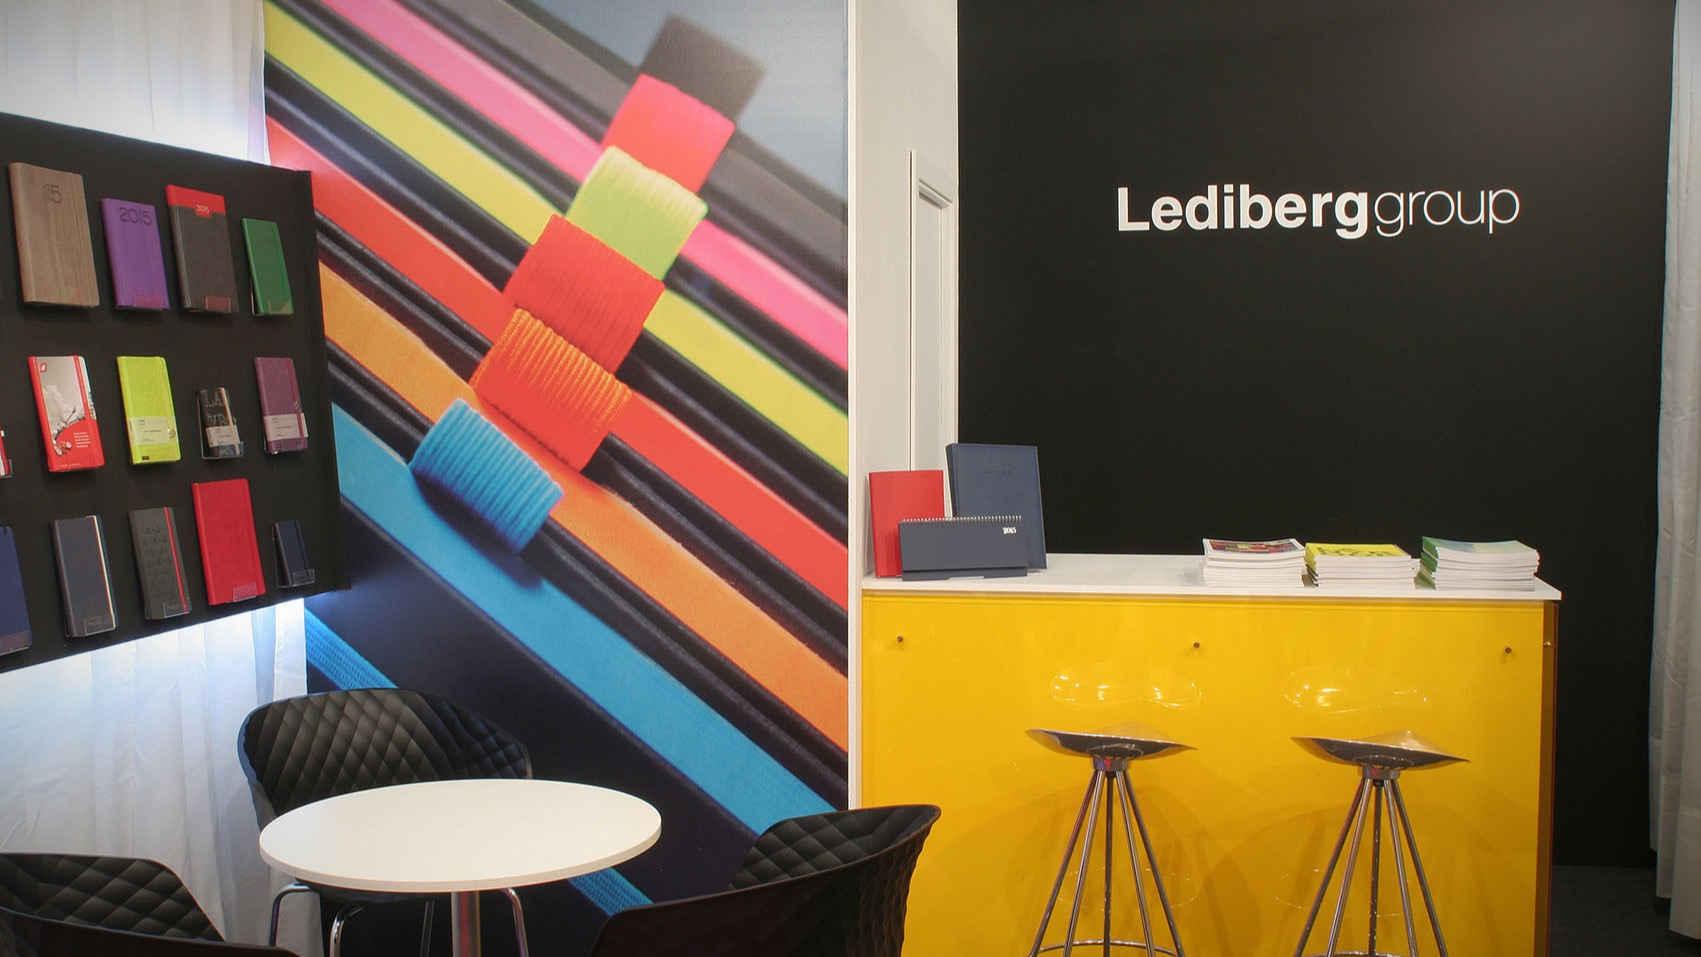 Vista del interior del diseño de stand para Leidberg Group en Promogift 2015